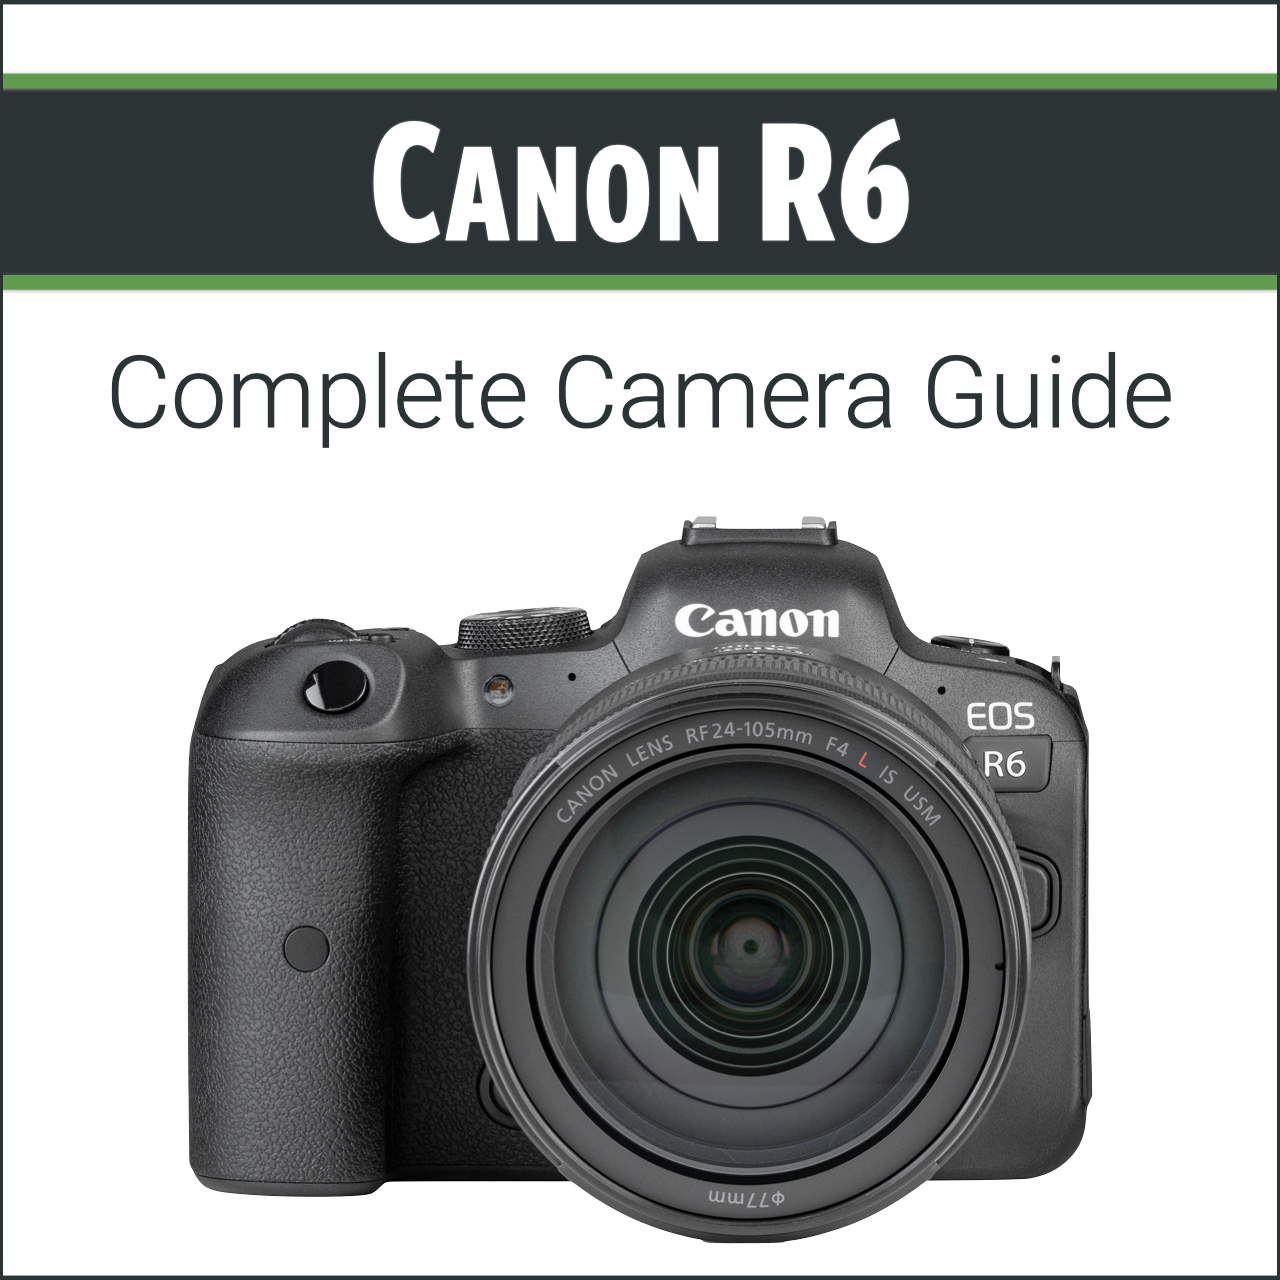 Canon R6: Complete Camera Guide